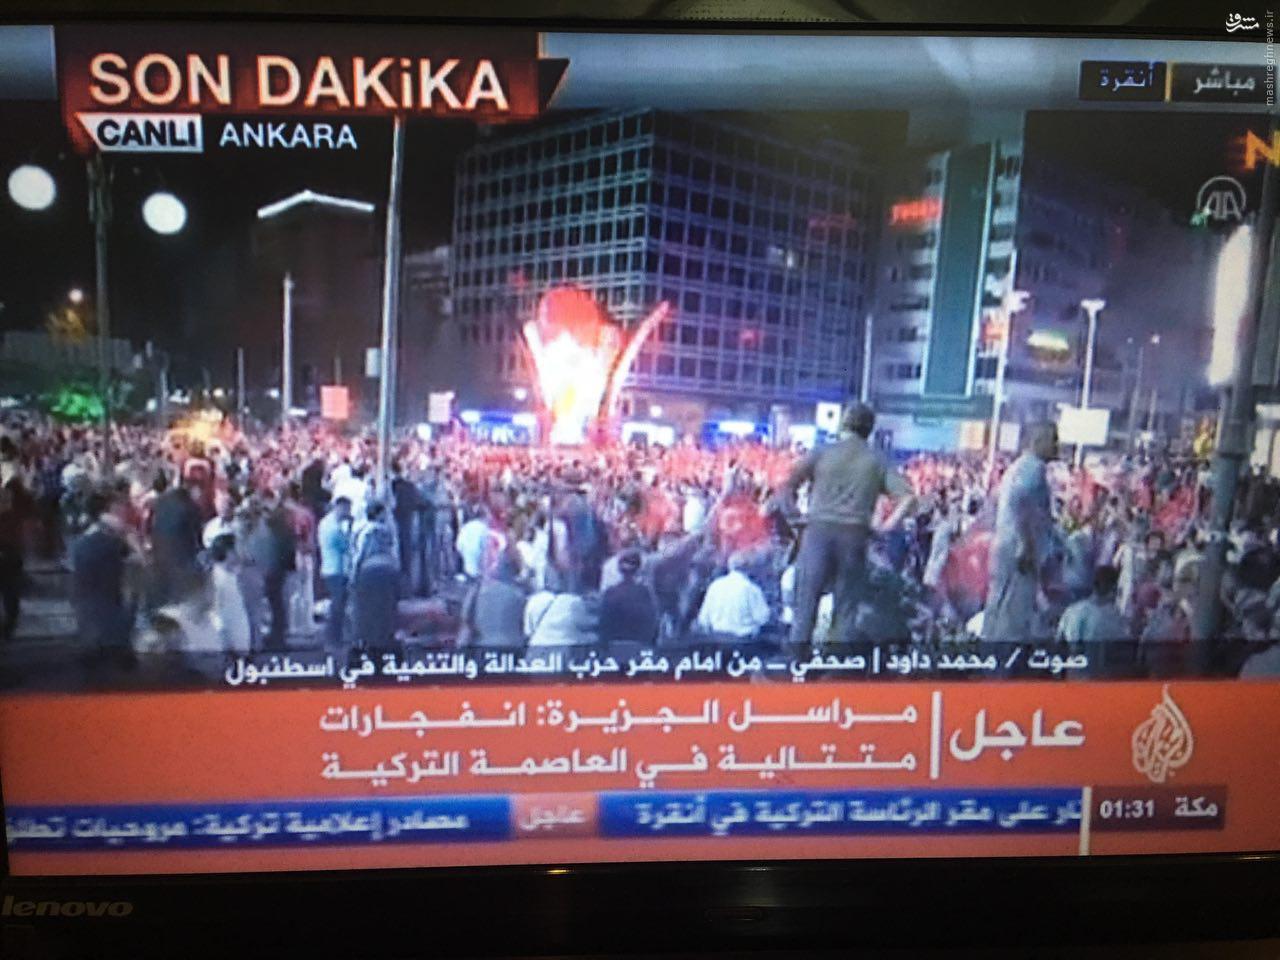 كودتا در تركيه/ اردوغان از مردم خواست به خیابانها بریزند/ تلویزیون و فرودگاهها در تصرف کودتاچیان/ انتشار اولین ویدئو از اردوغان + تصاویر و فیلم